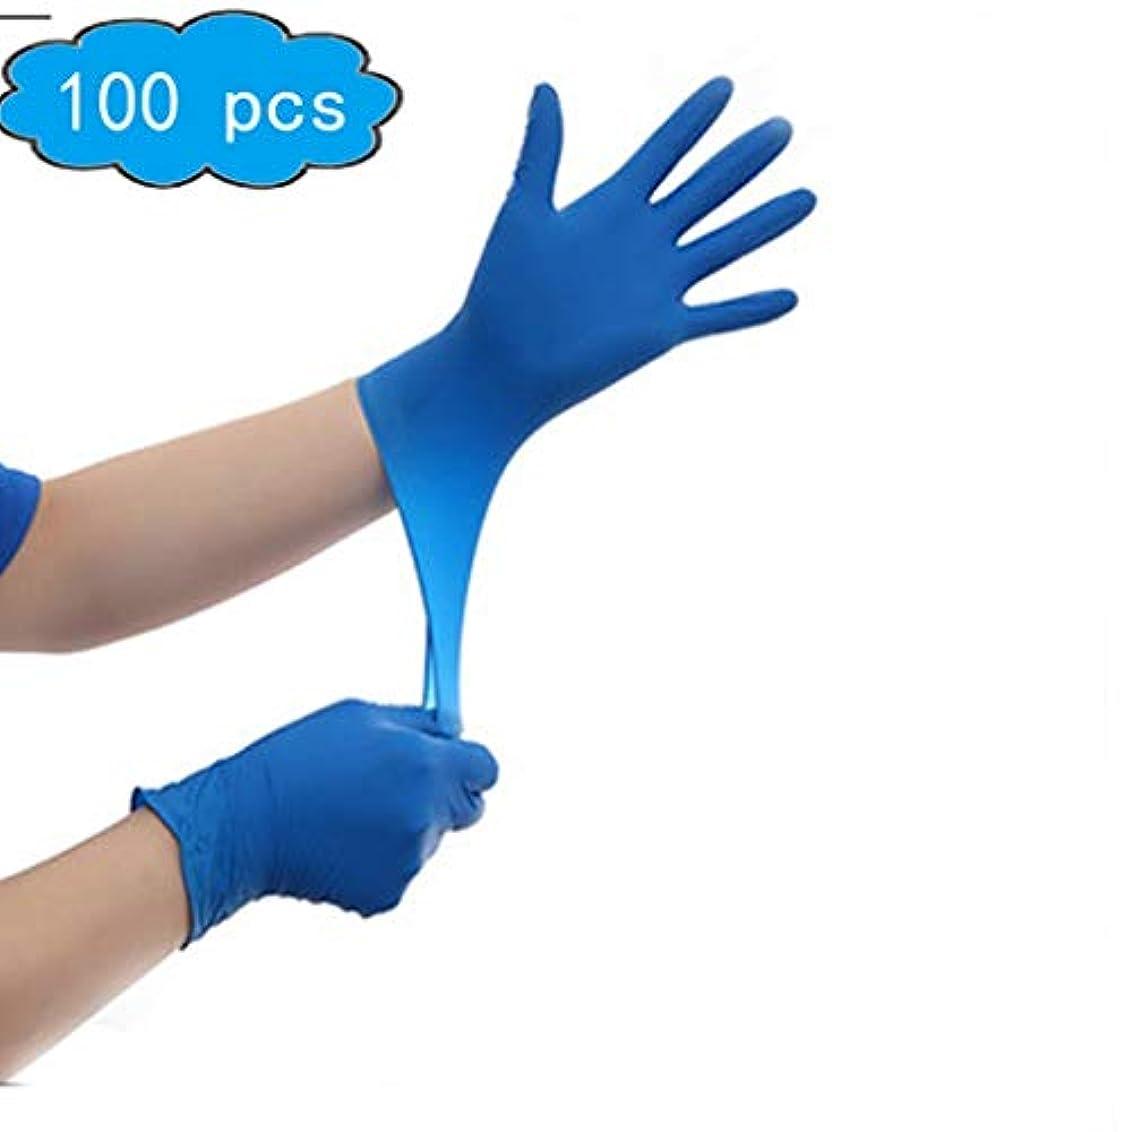 証明する天国移行する使い捨て丁清手袋 - テクスチャード加工、サニタリー手袋、応急処置用品、大型、100箱入り、食品ケータリング家事使い捨て手袋 (Color : Blue, Size : XS)